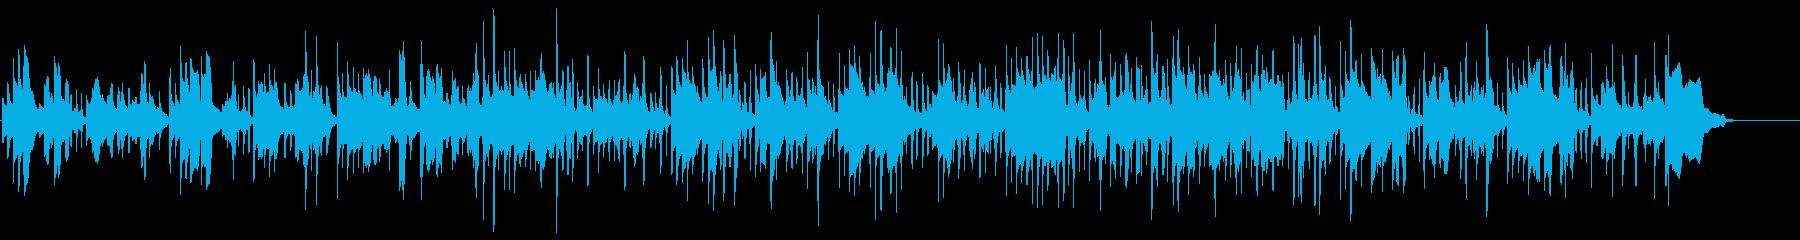 奇妙な場面を表現する音楽の再生済みの波形